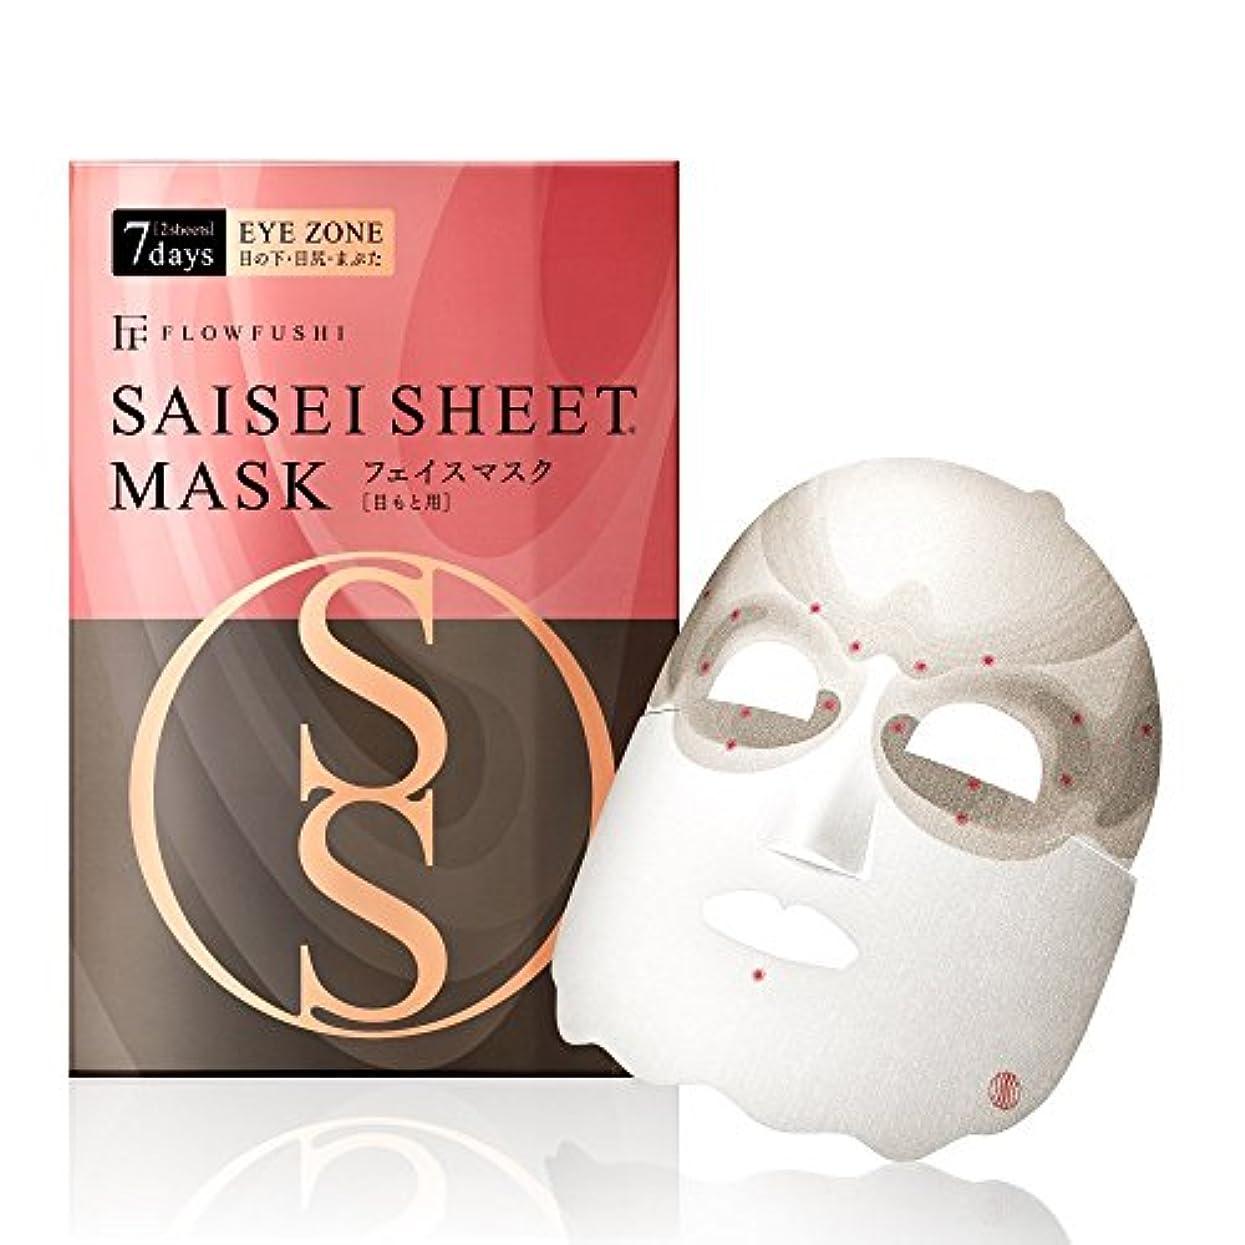 ぼかす湿気の多いポットSAISEIシート マスク [目もと用] 7days 2sheets